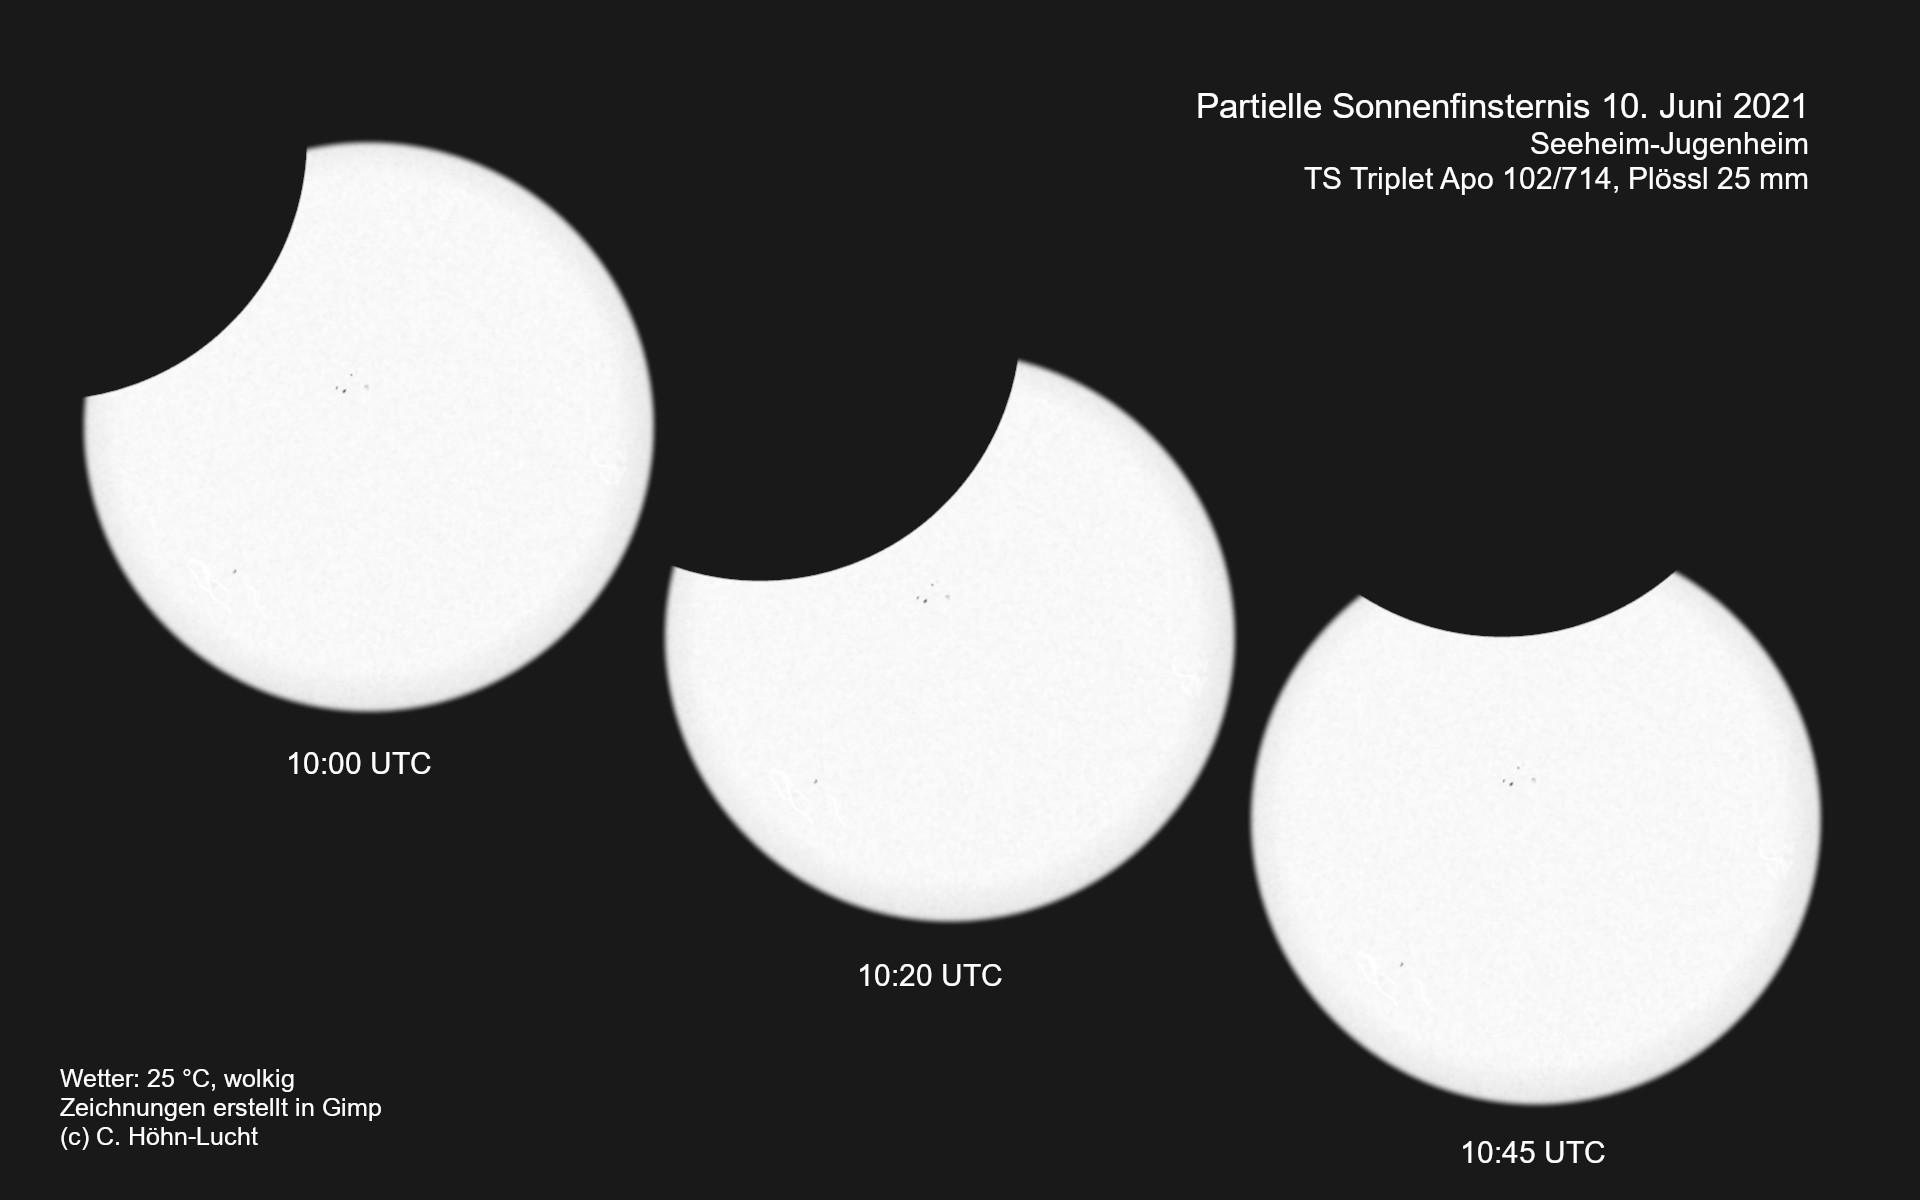 Partielle Sonnenfinsternis 10.06.2021 (Zeichnung)